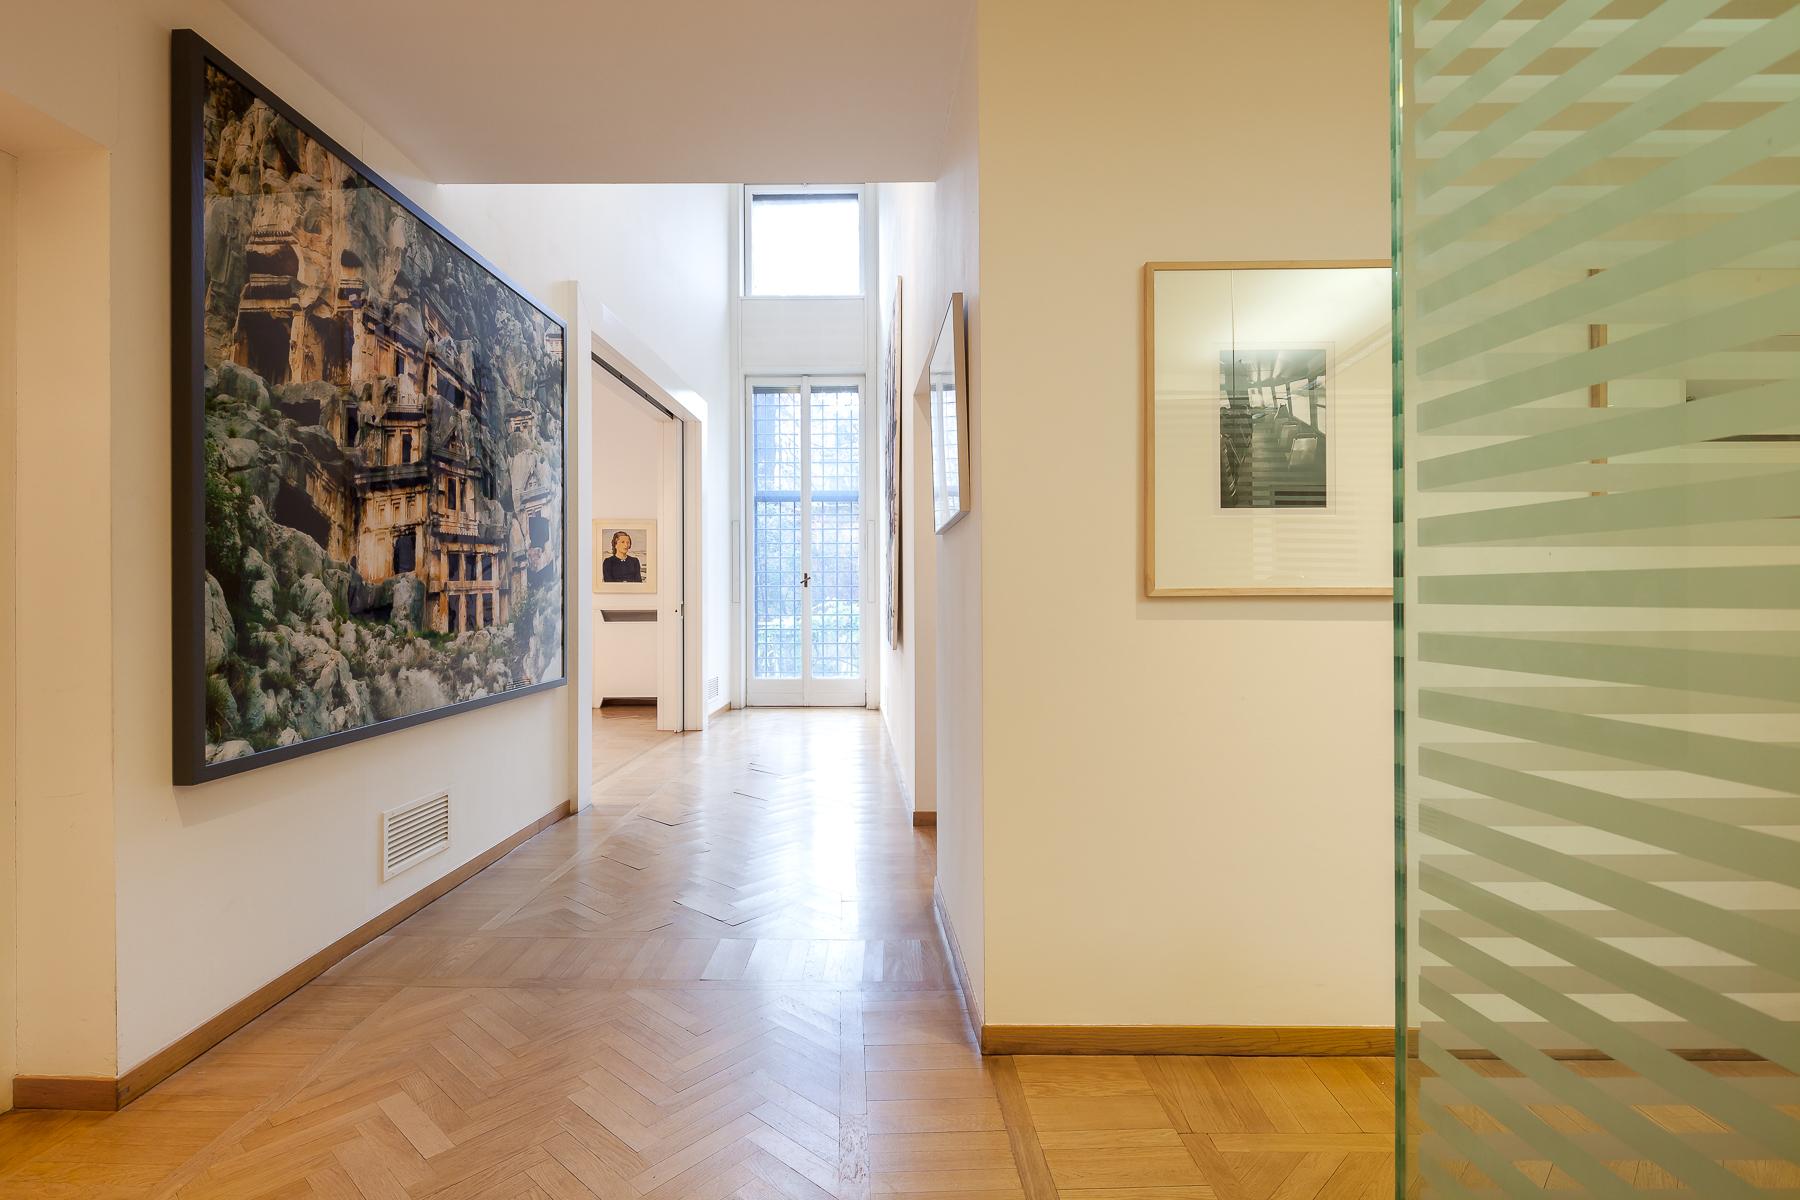 Ufficio-studio di lusso in affitto a Milano Via Bigli ...